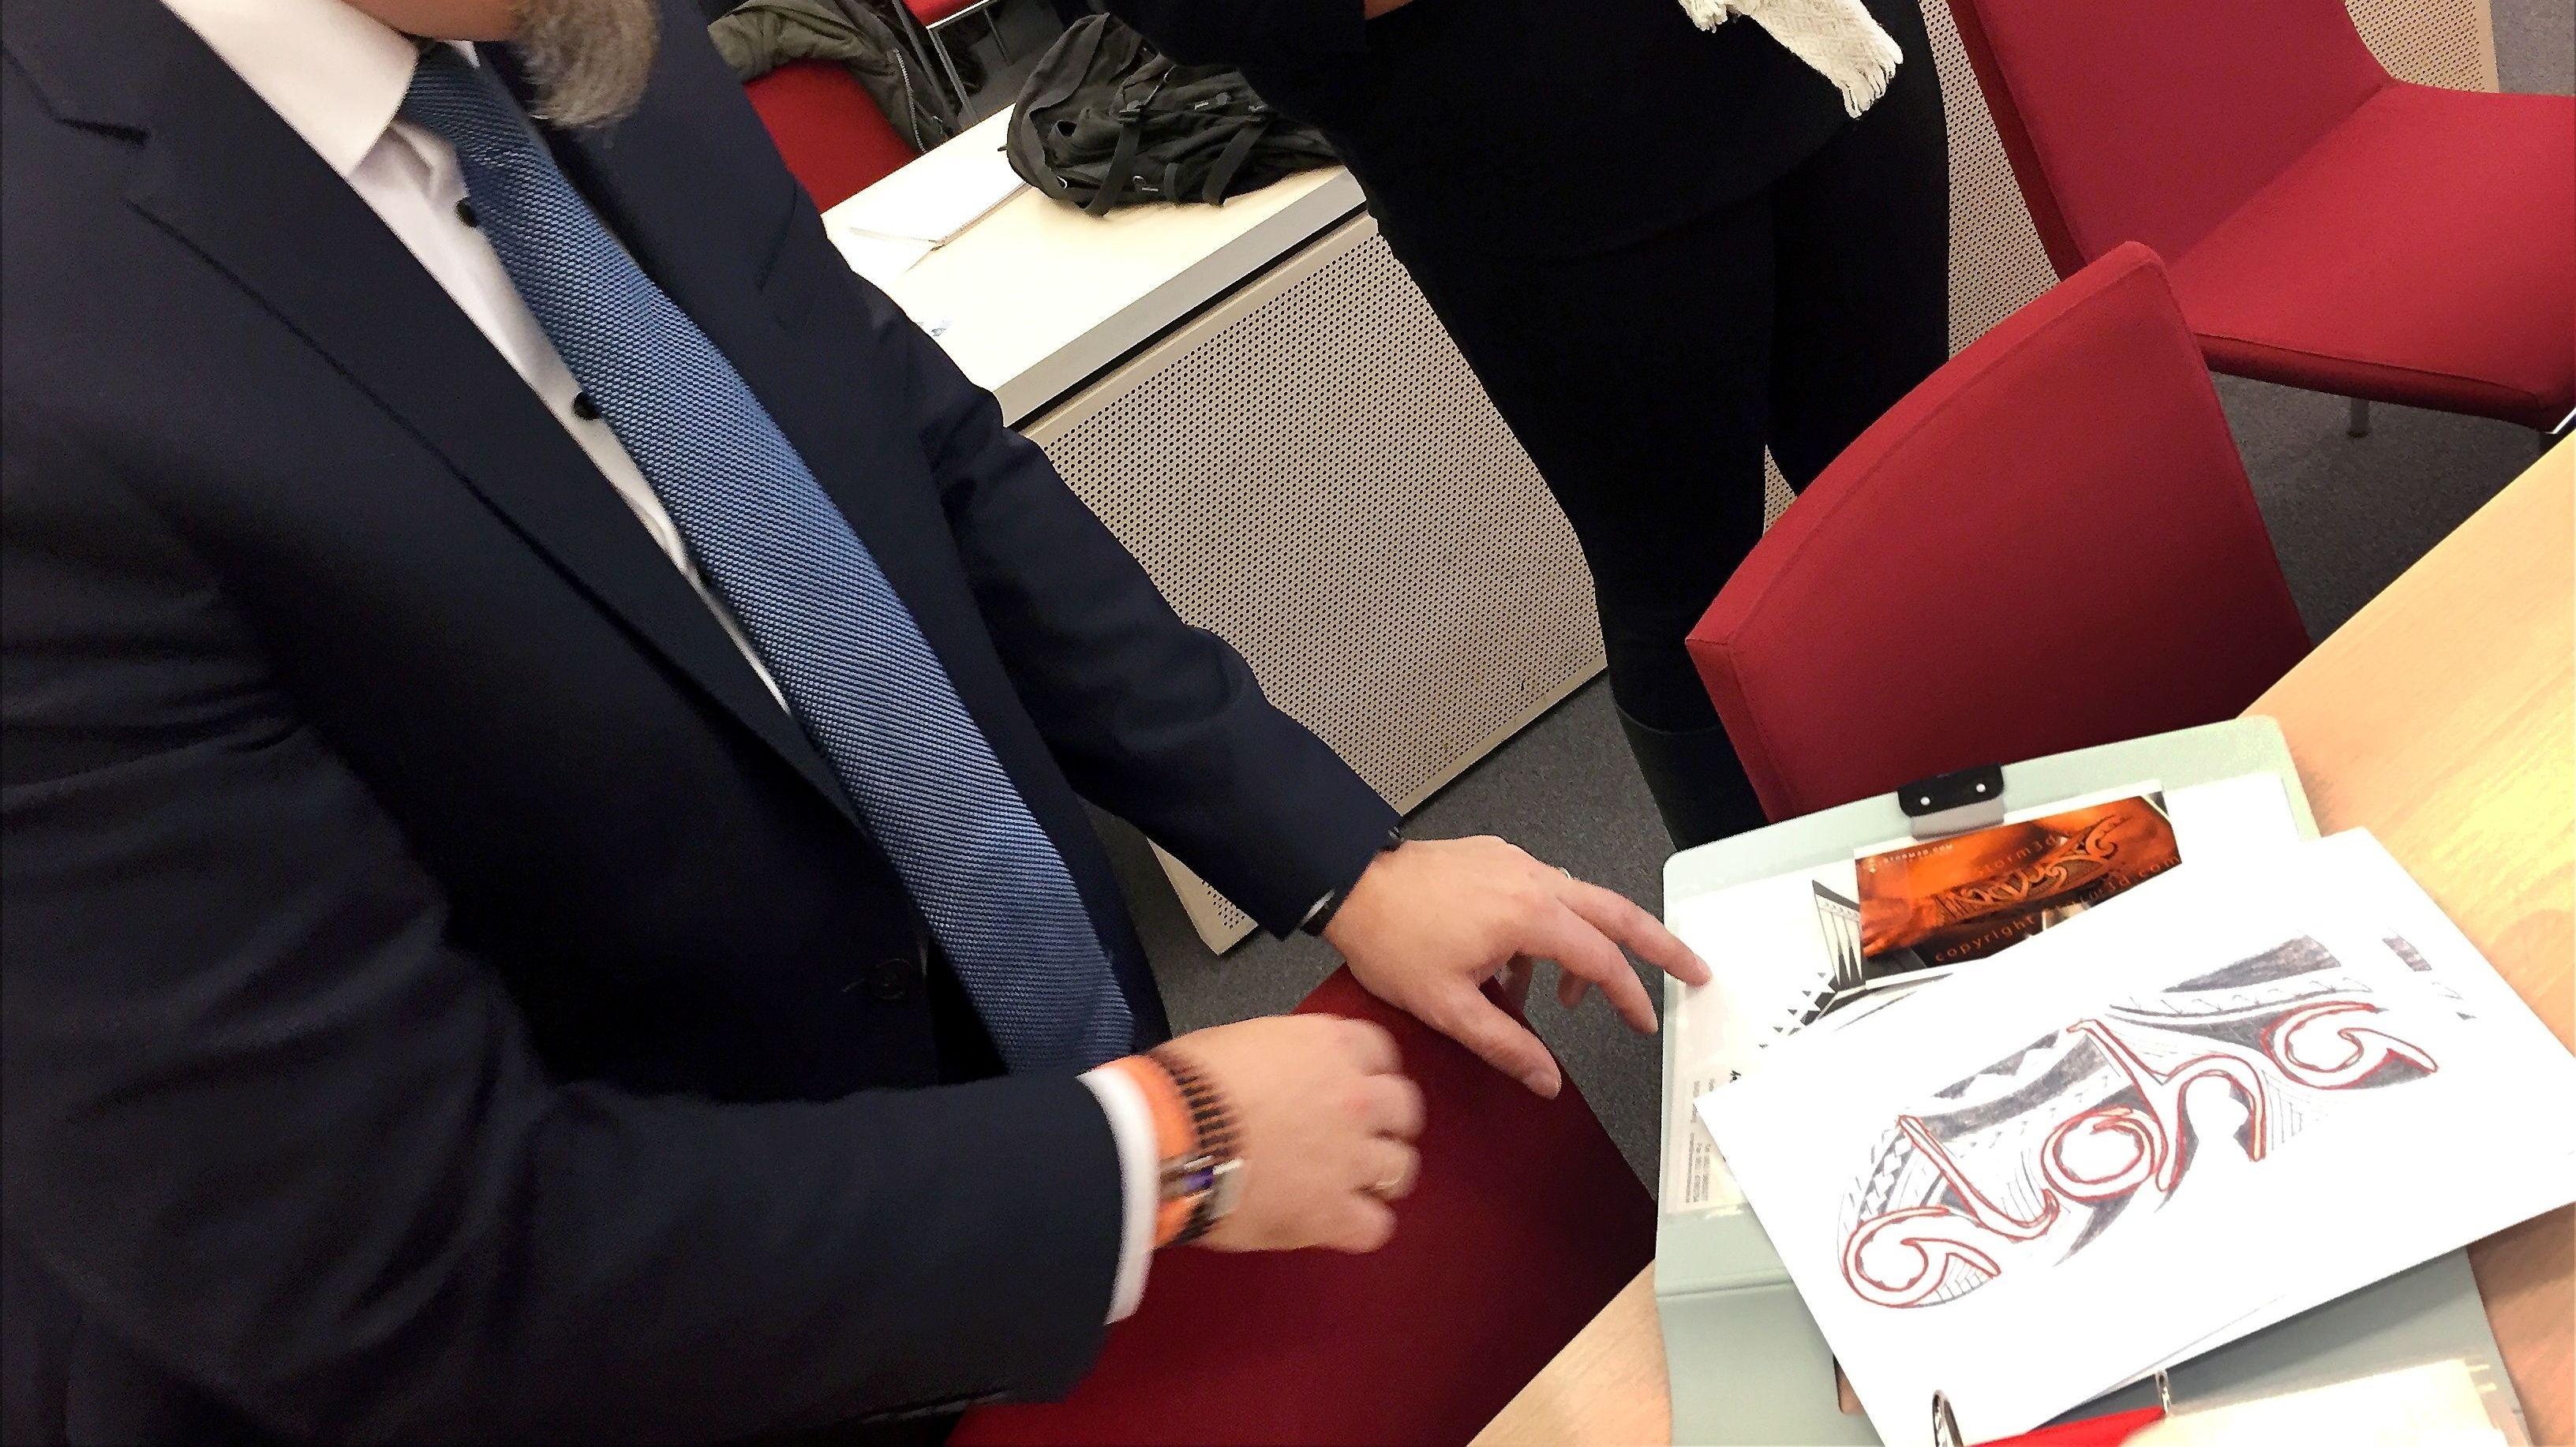 Der Polizist auf Lauf a.d. Pegnitz zeigt vor Gericht einen Entwurf für sein Tattoo